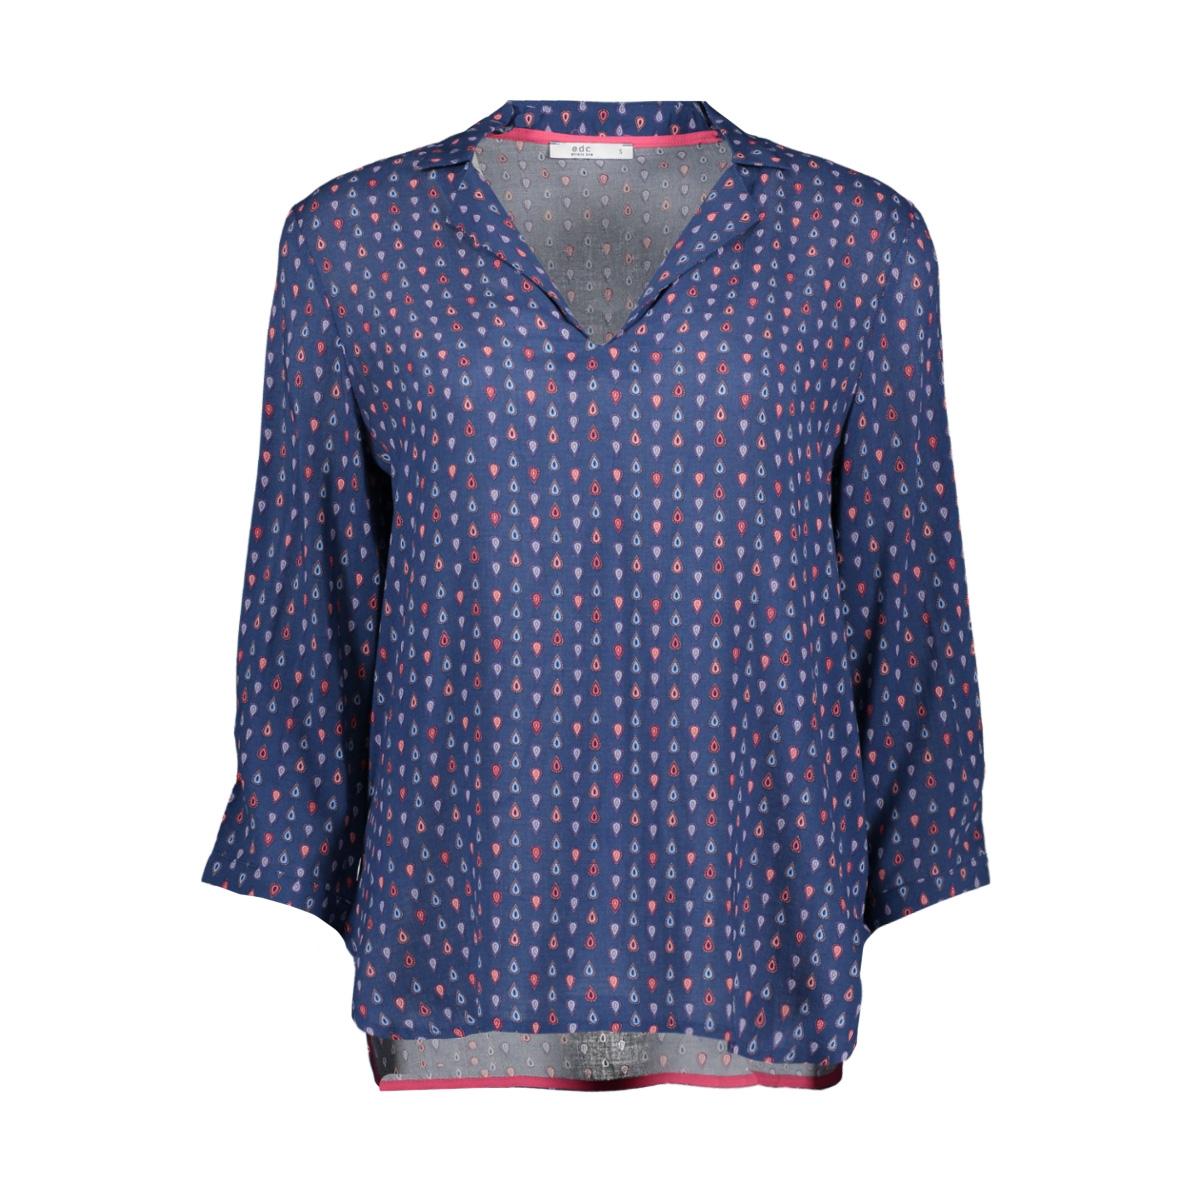 029cc1f003 edc blouse c400